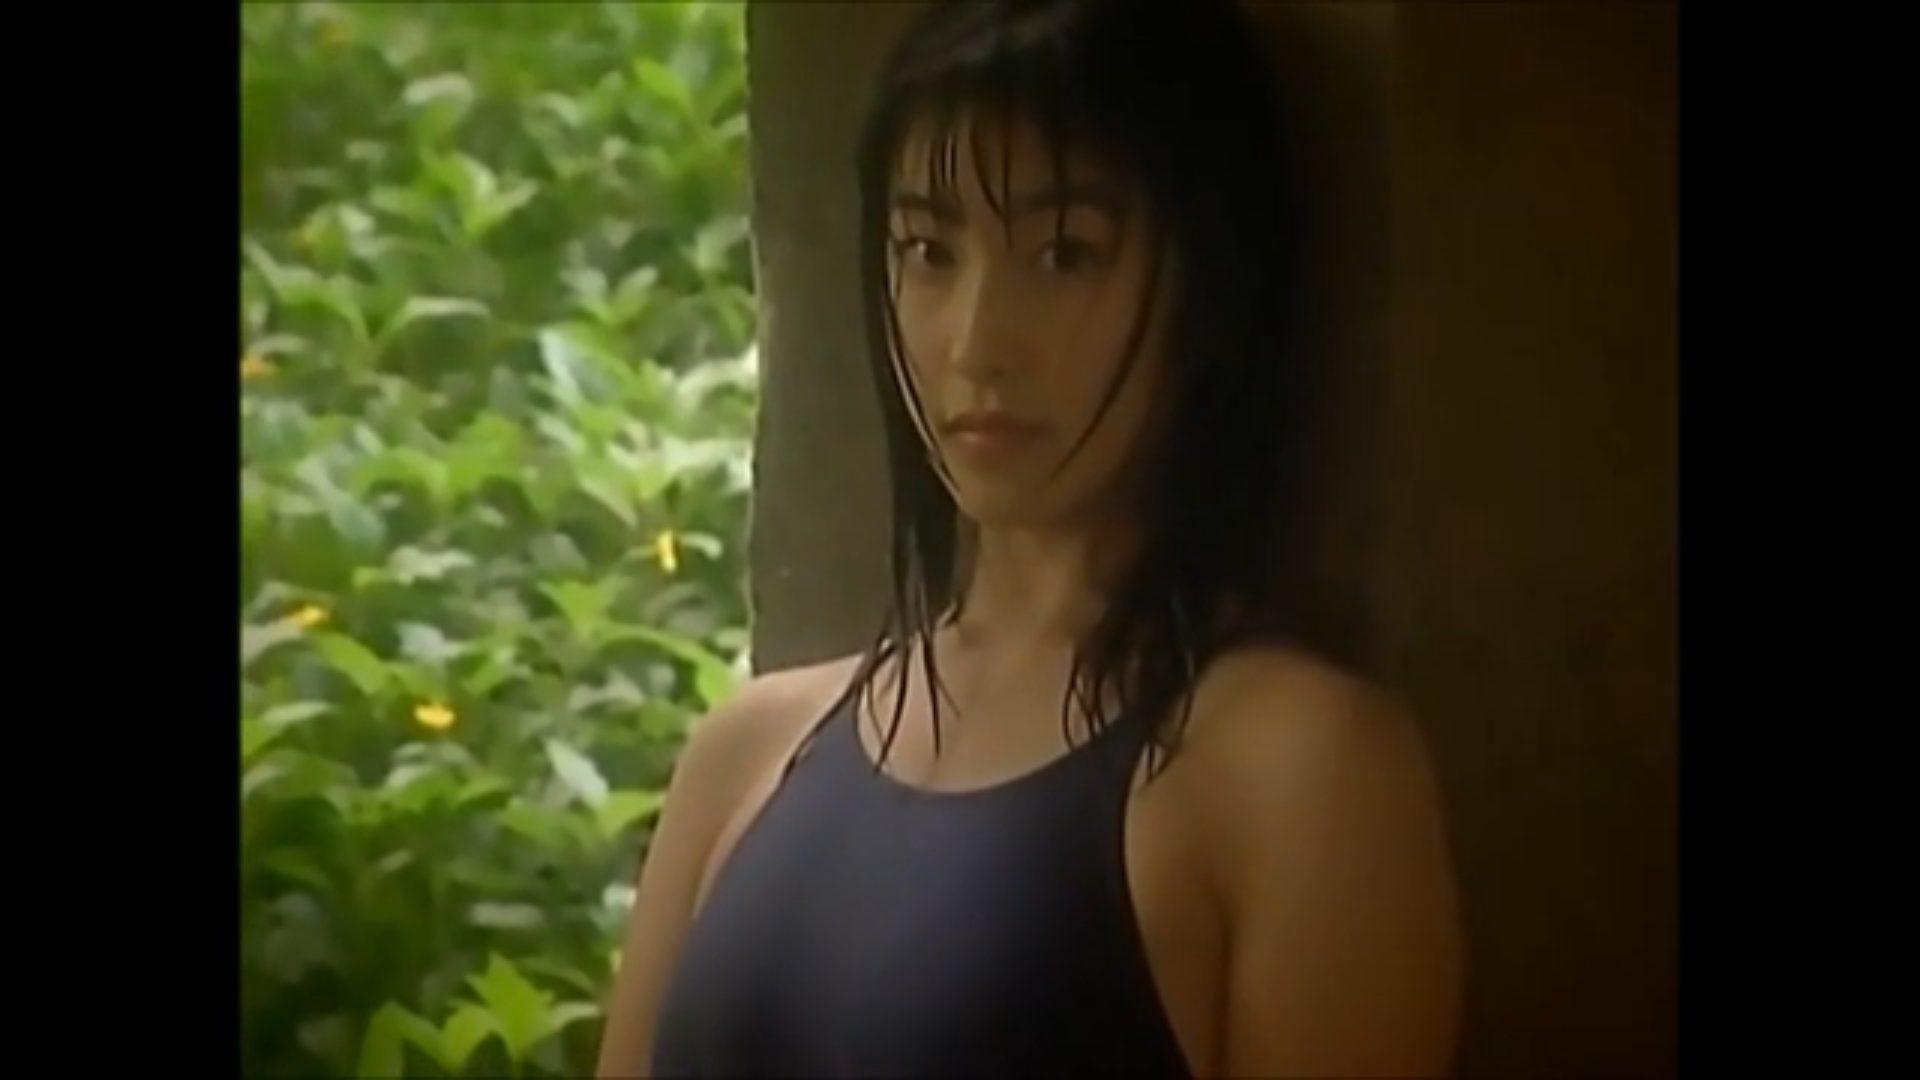 【佐藤寛子】Fカップ3 清楚な黒髪美女が水着姿を披露!しっとりと雰囲気が最高!